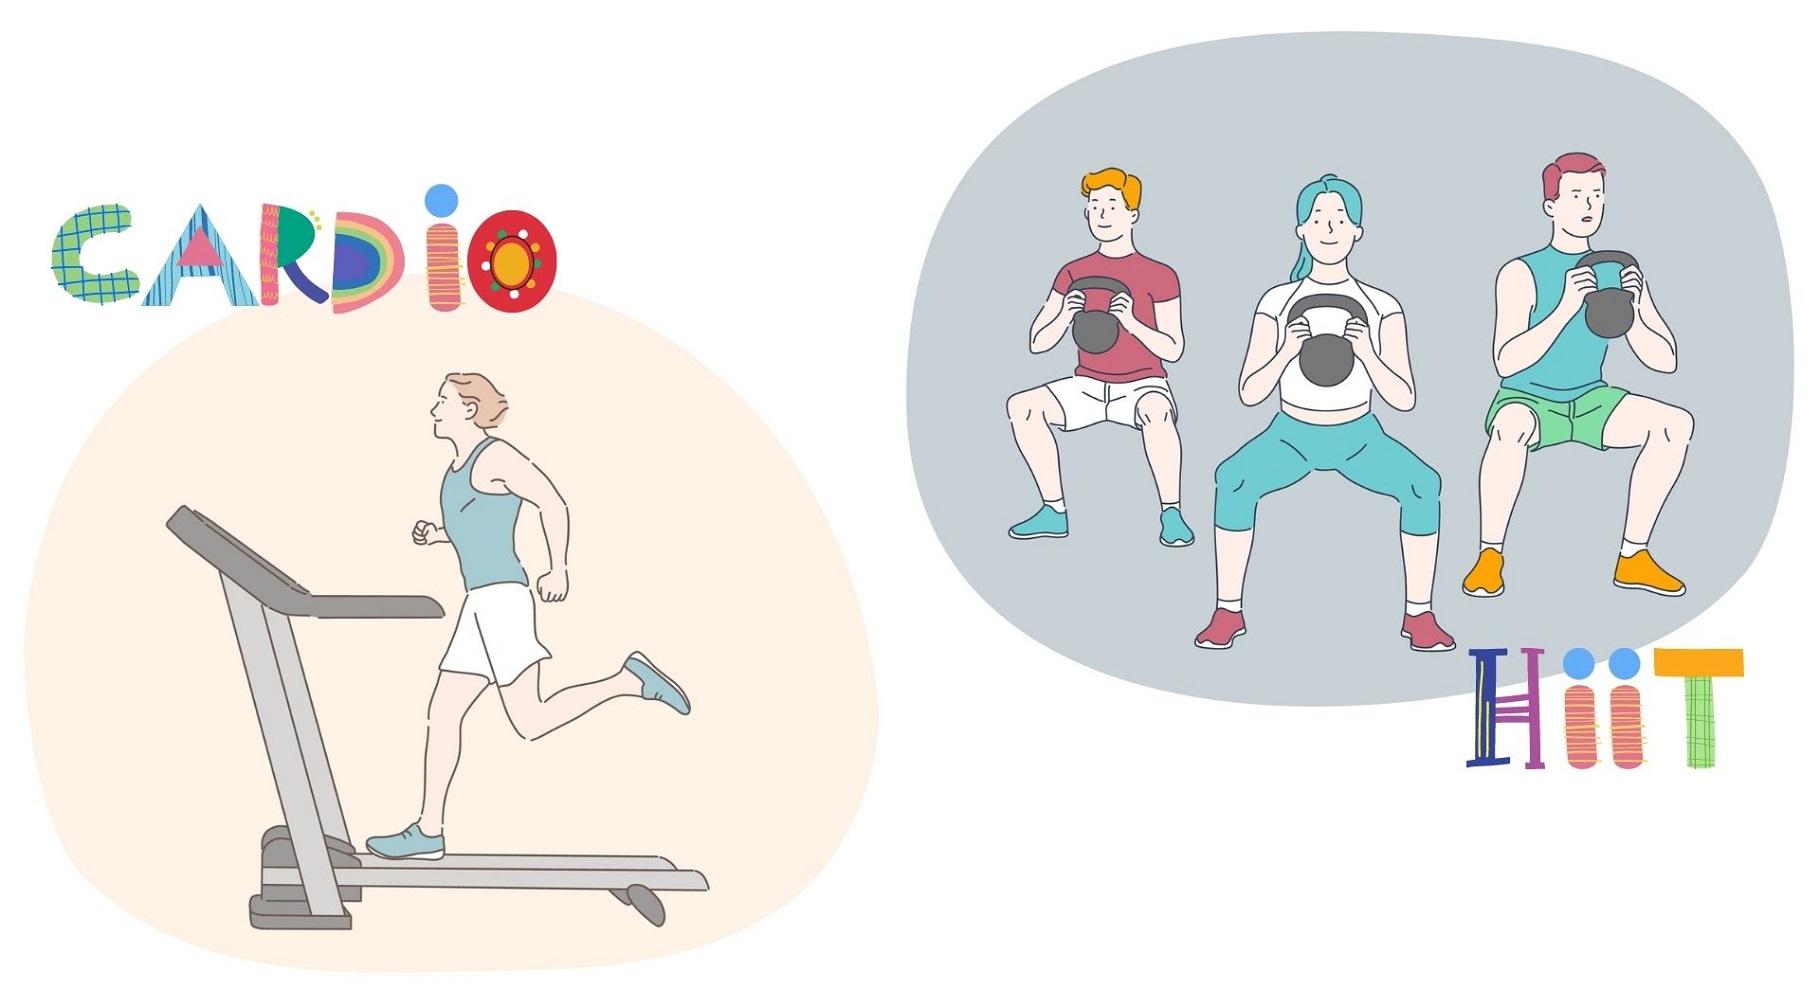 激キツHIITとゆっくり有酸素運動、どっちが痩せる?最新研究から考えてみた